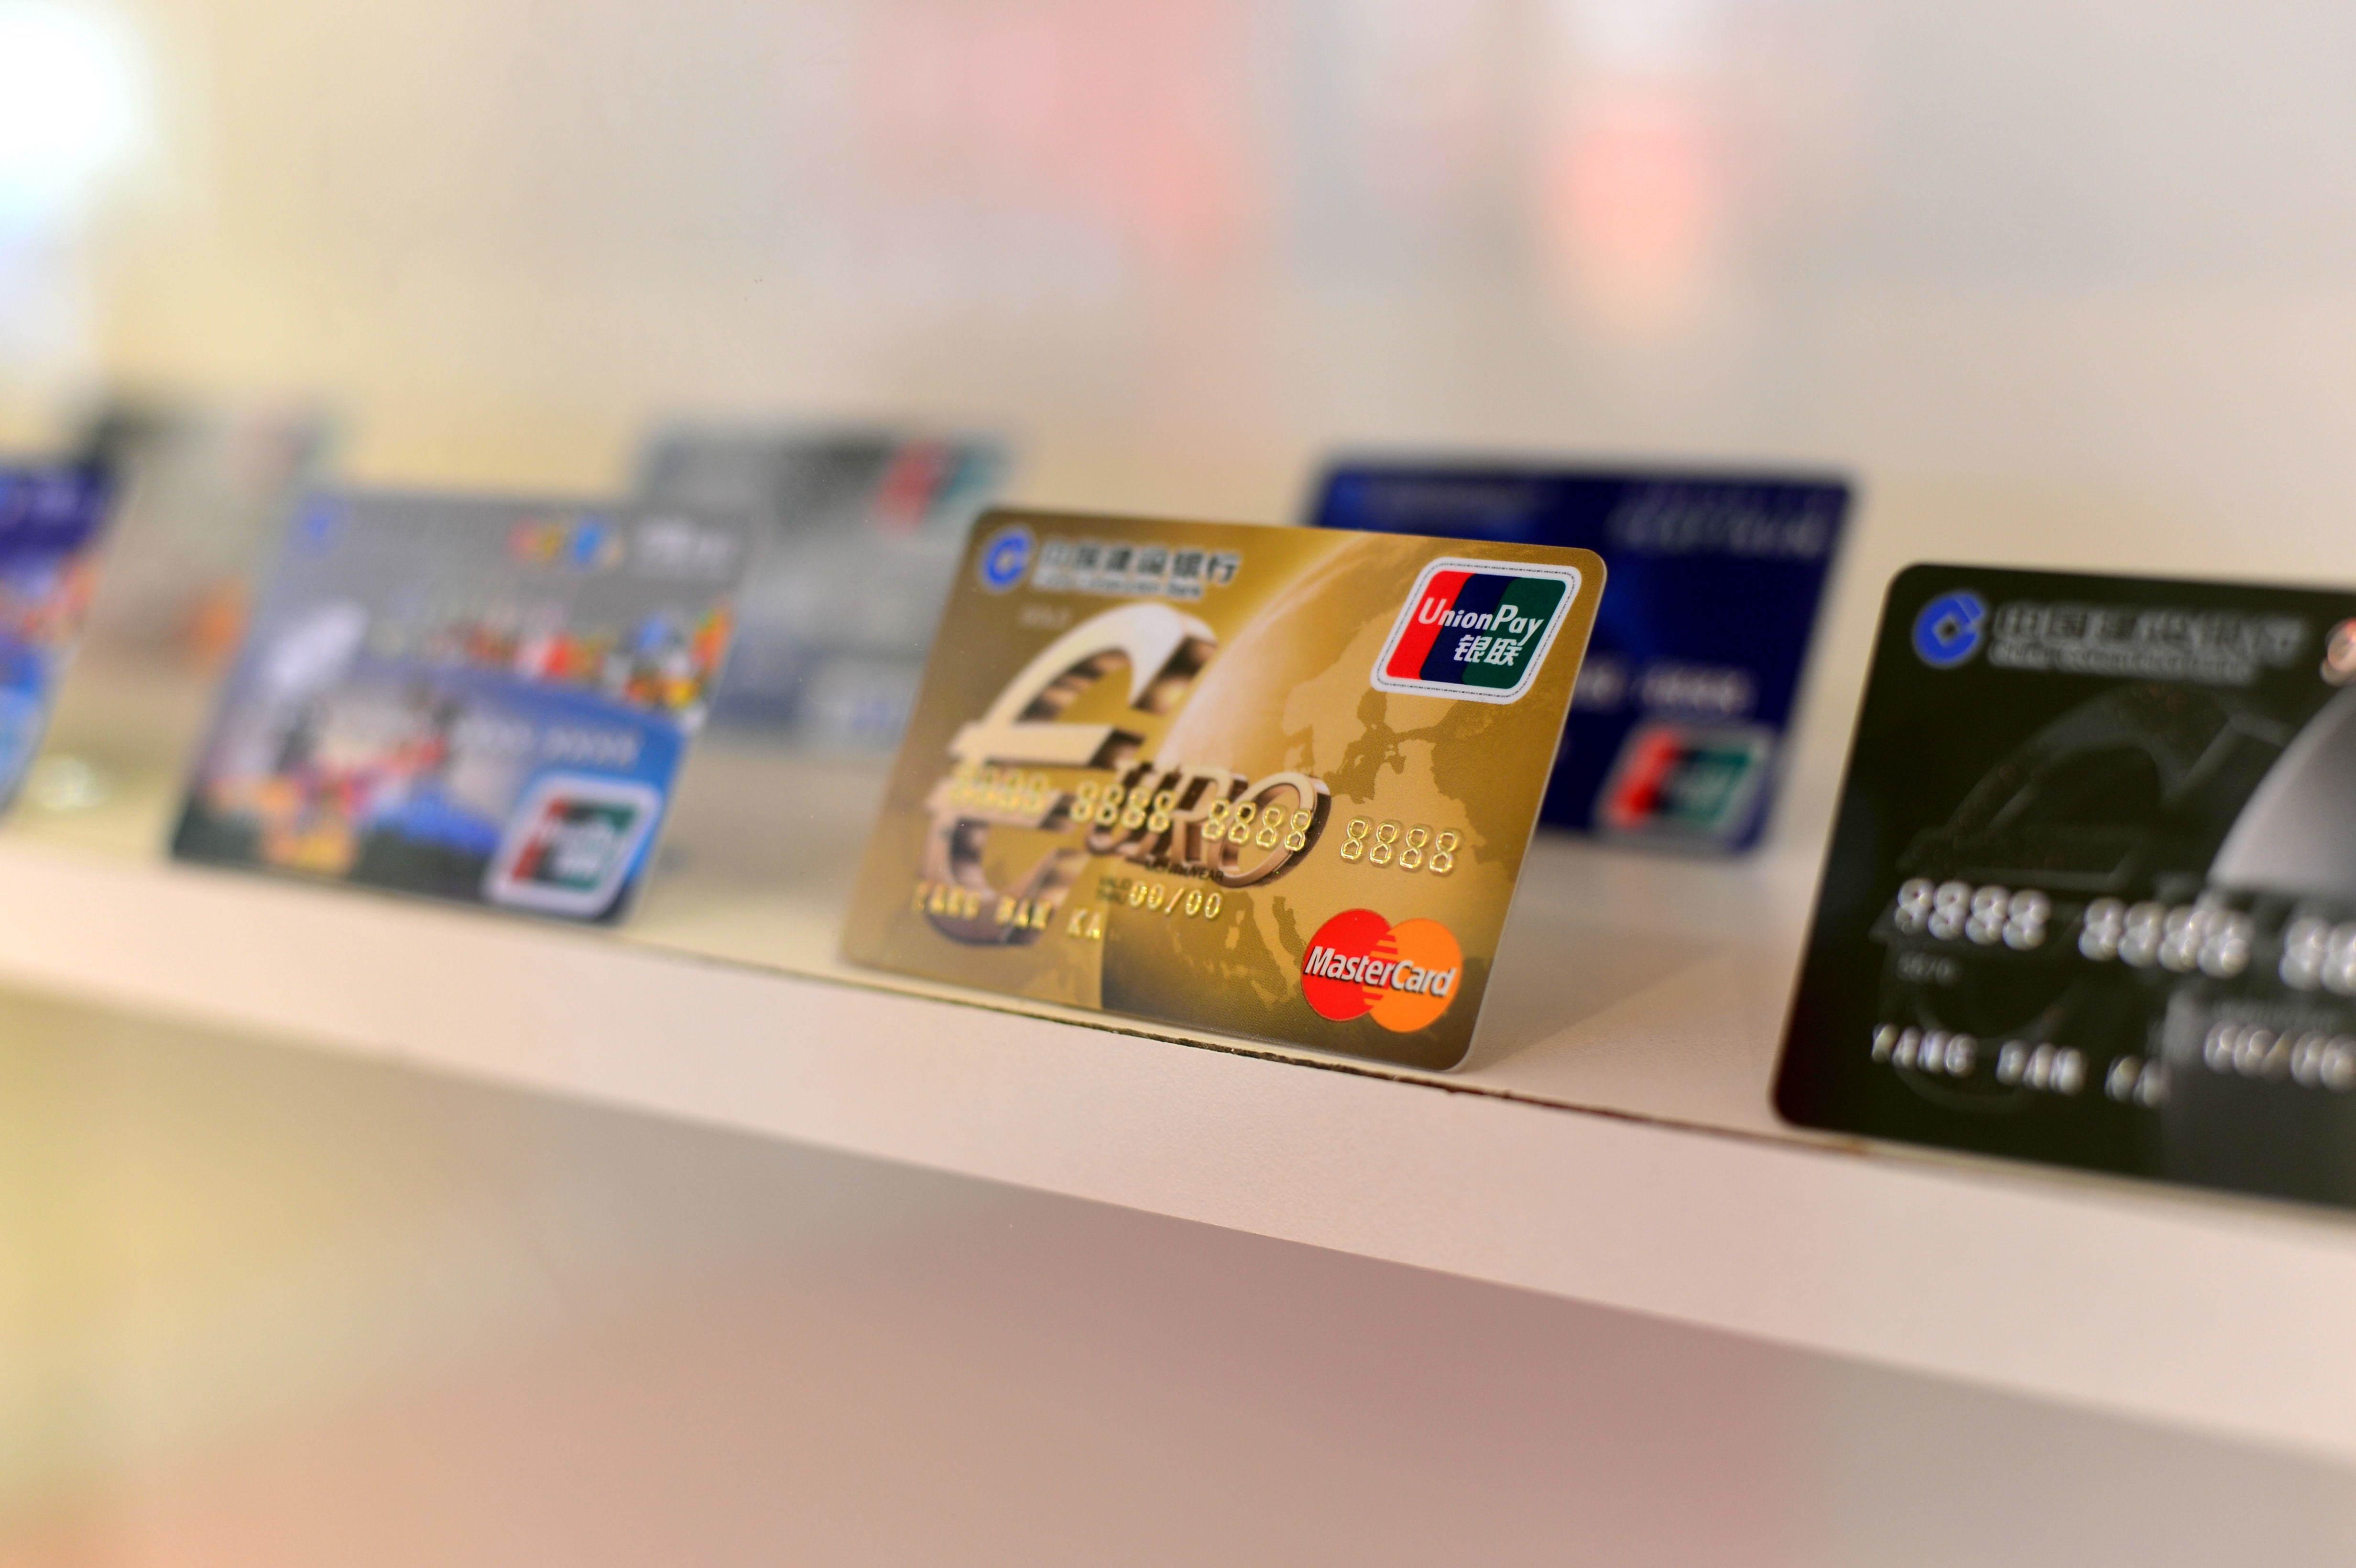 『抵押期間』月收入1萬+,信用卡欠下100萬,我該怎么辦?